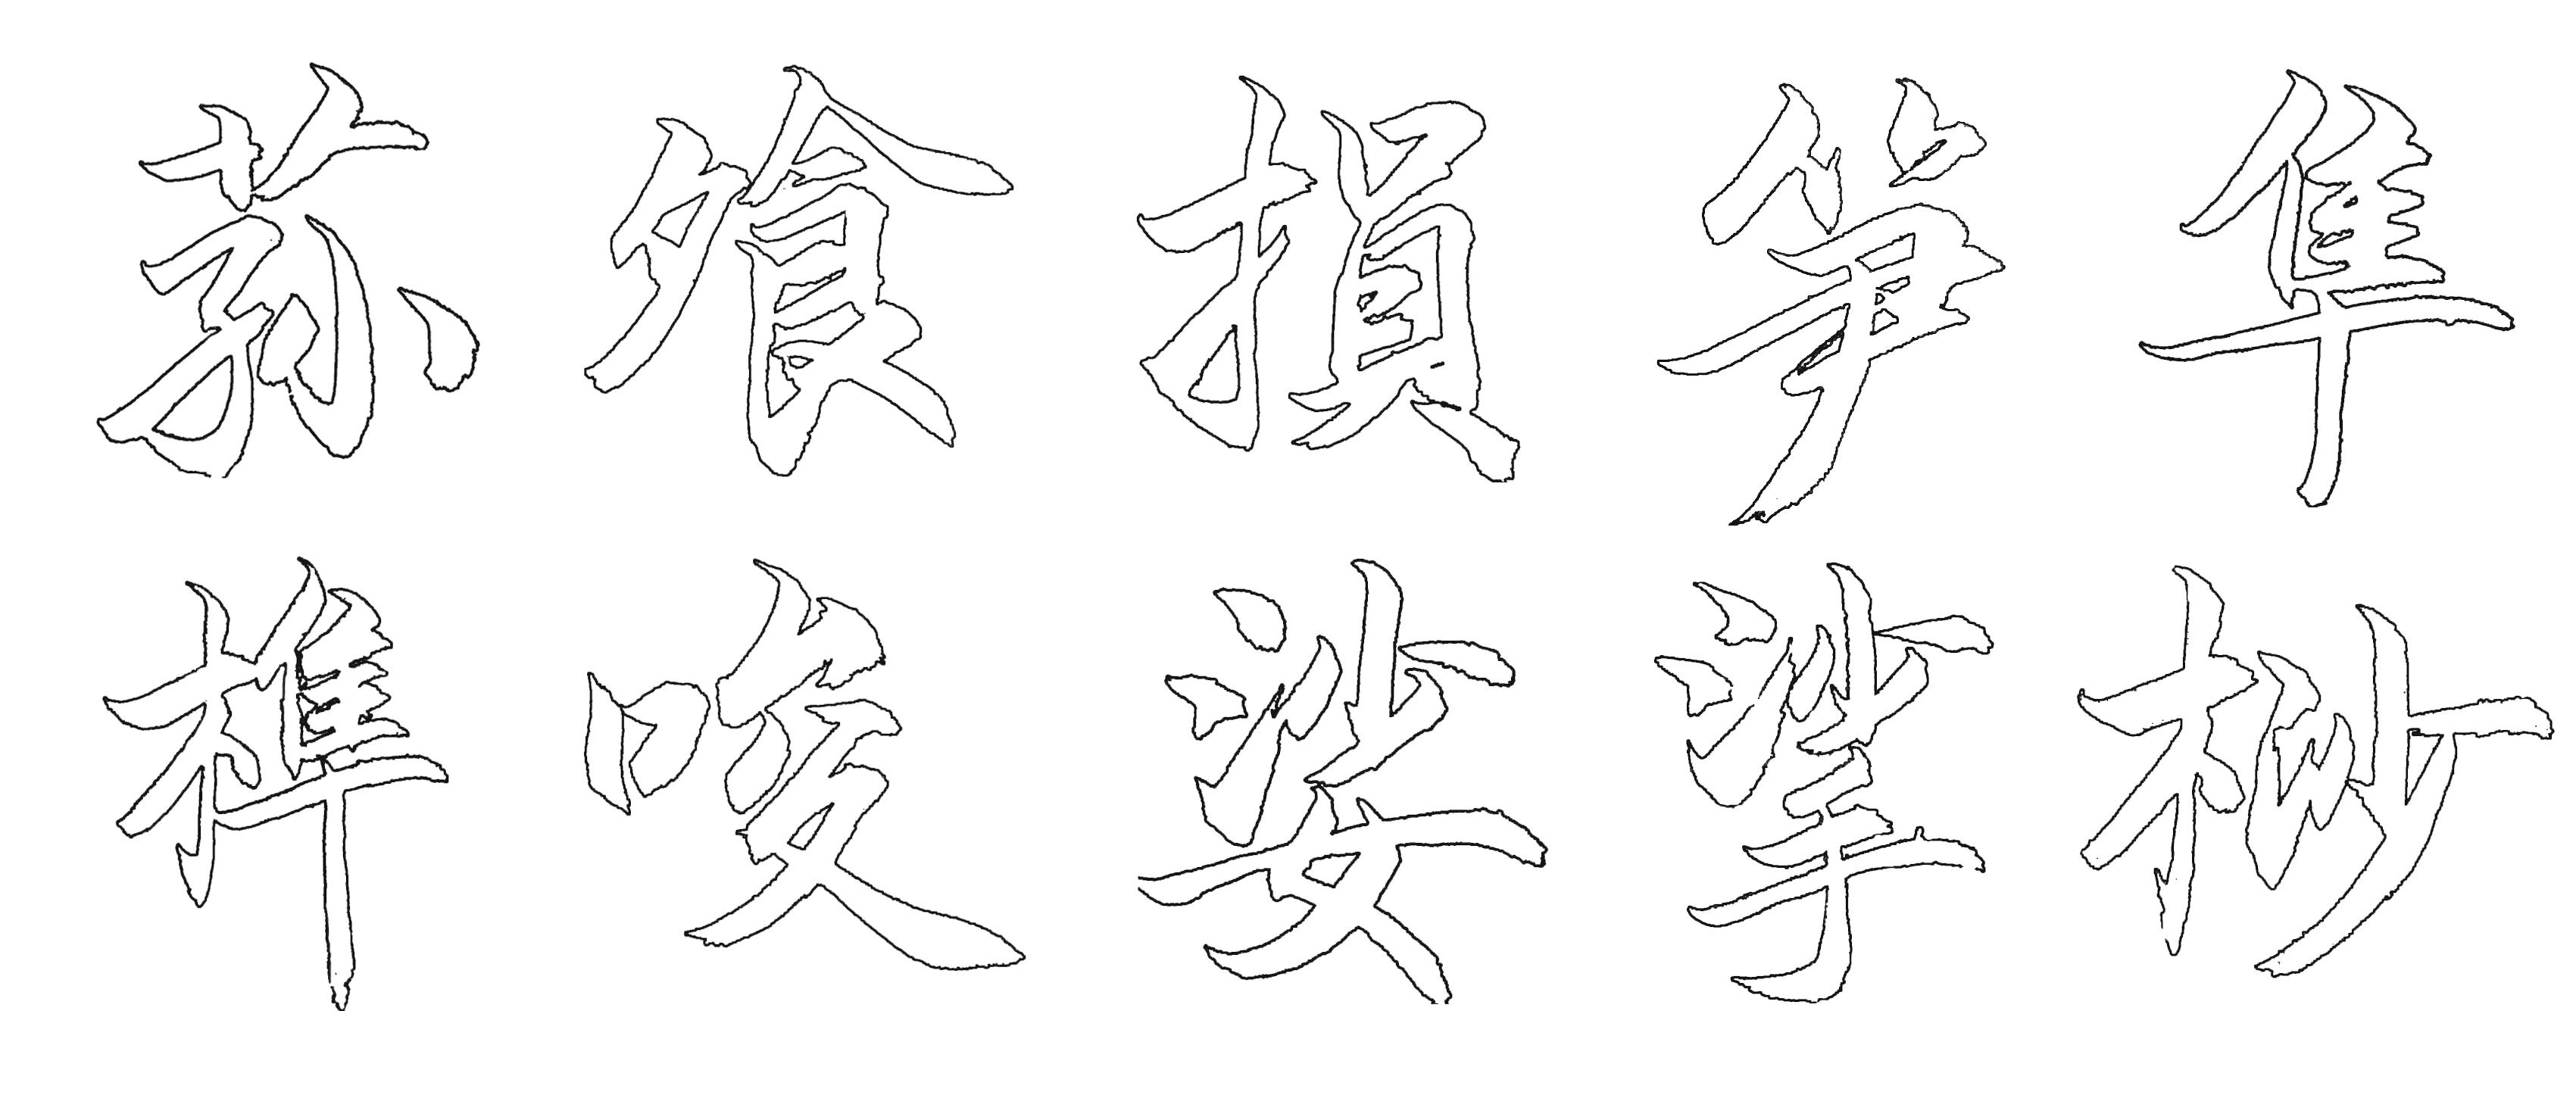 简笔画 设计 矢量 矢量图 手绘 素材 线稿 3401_1475